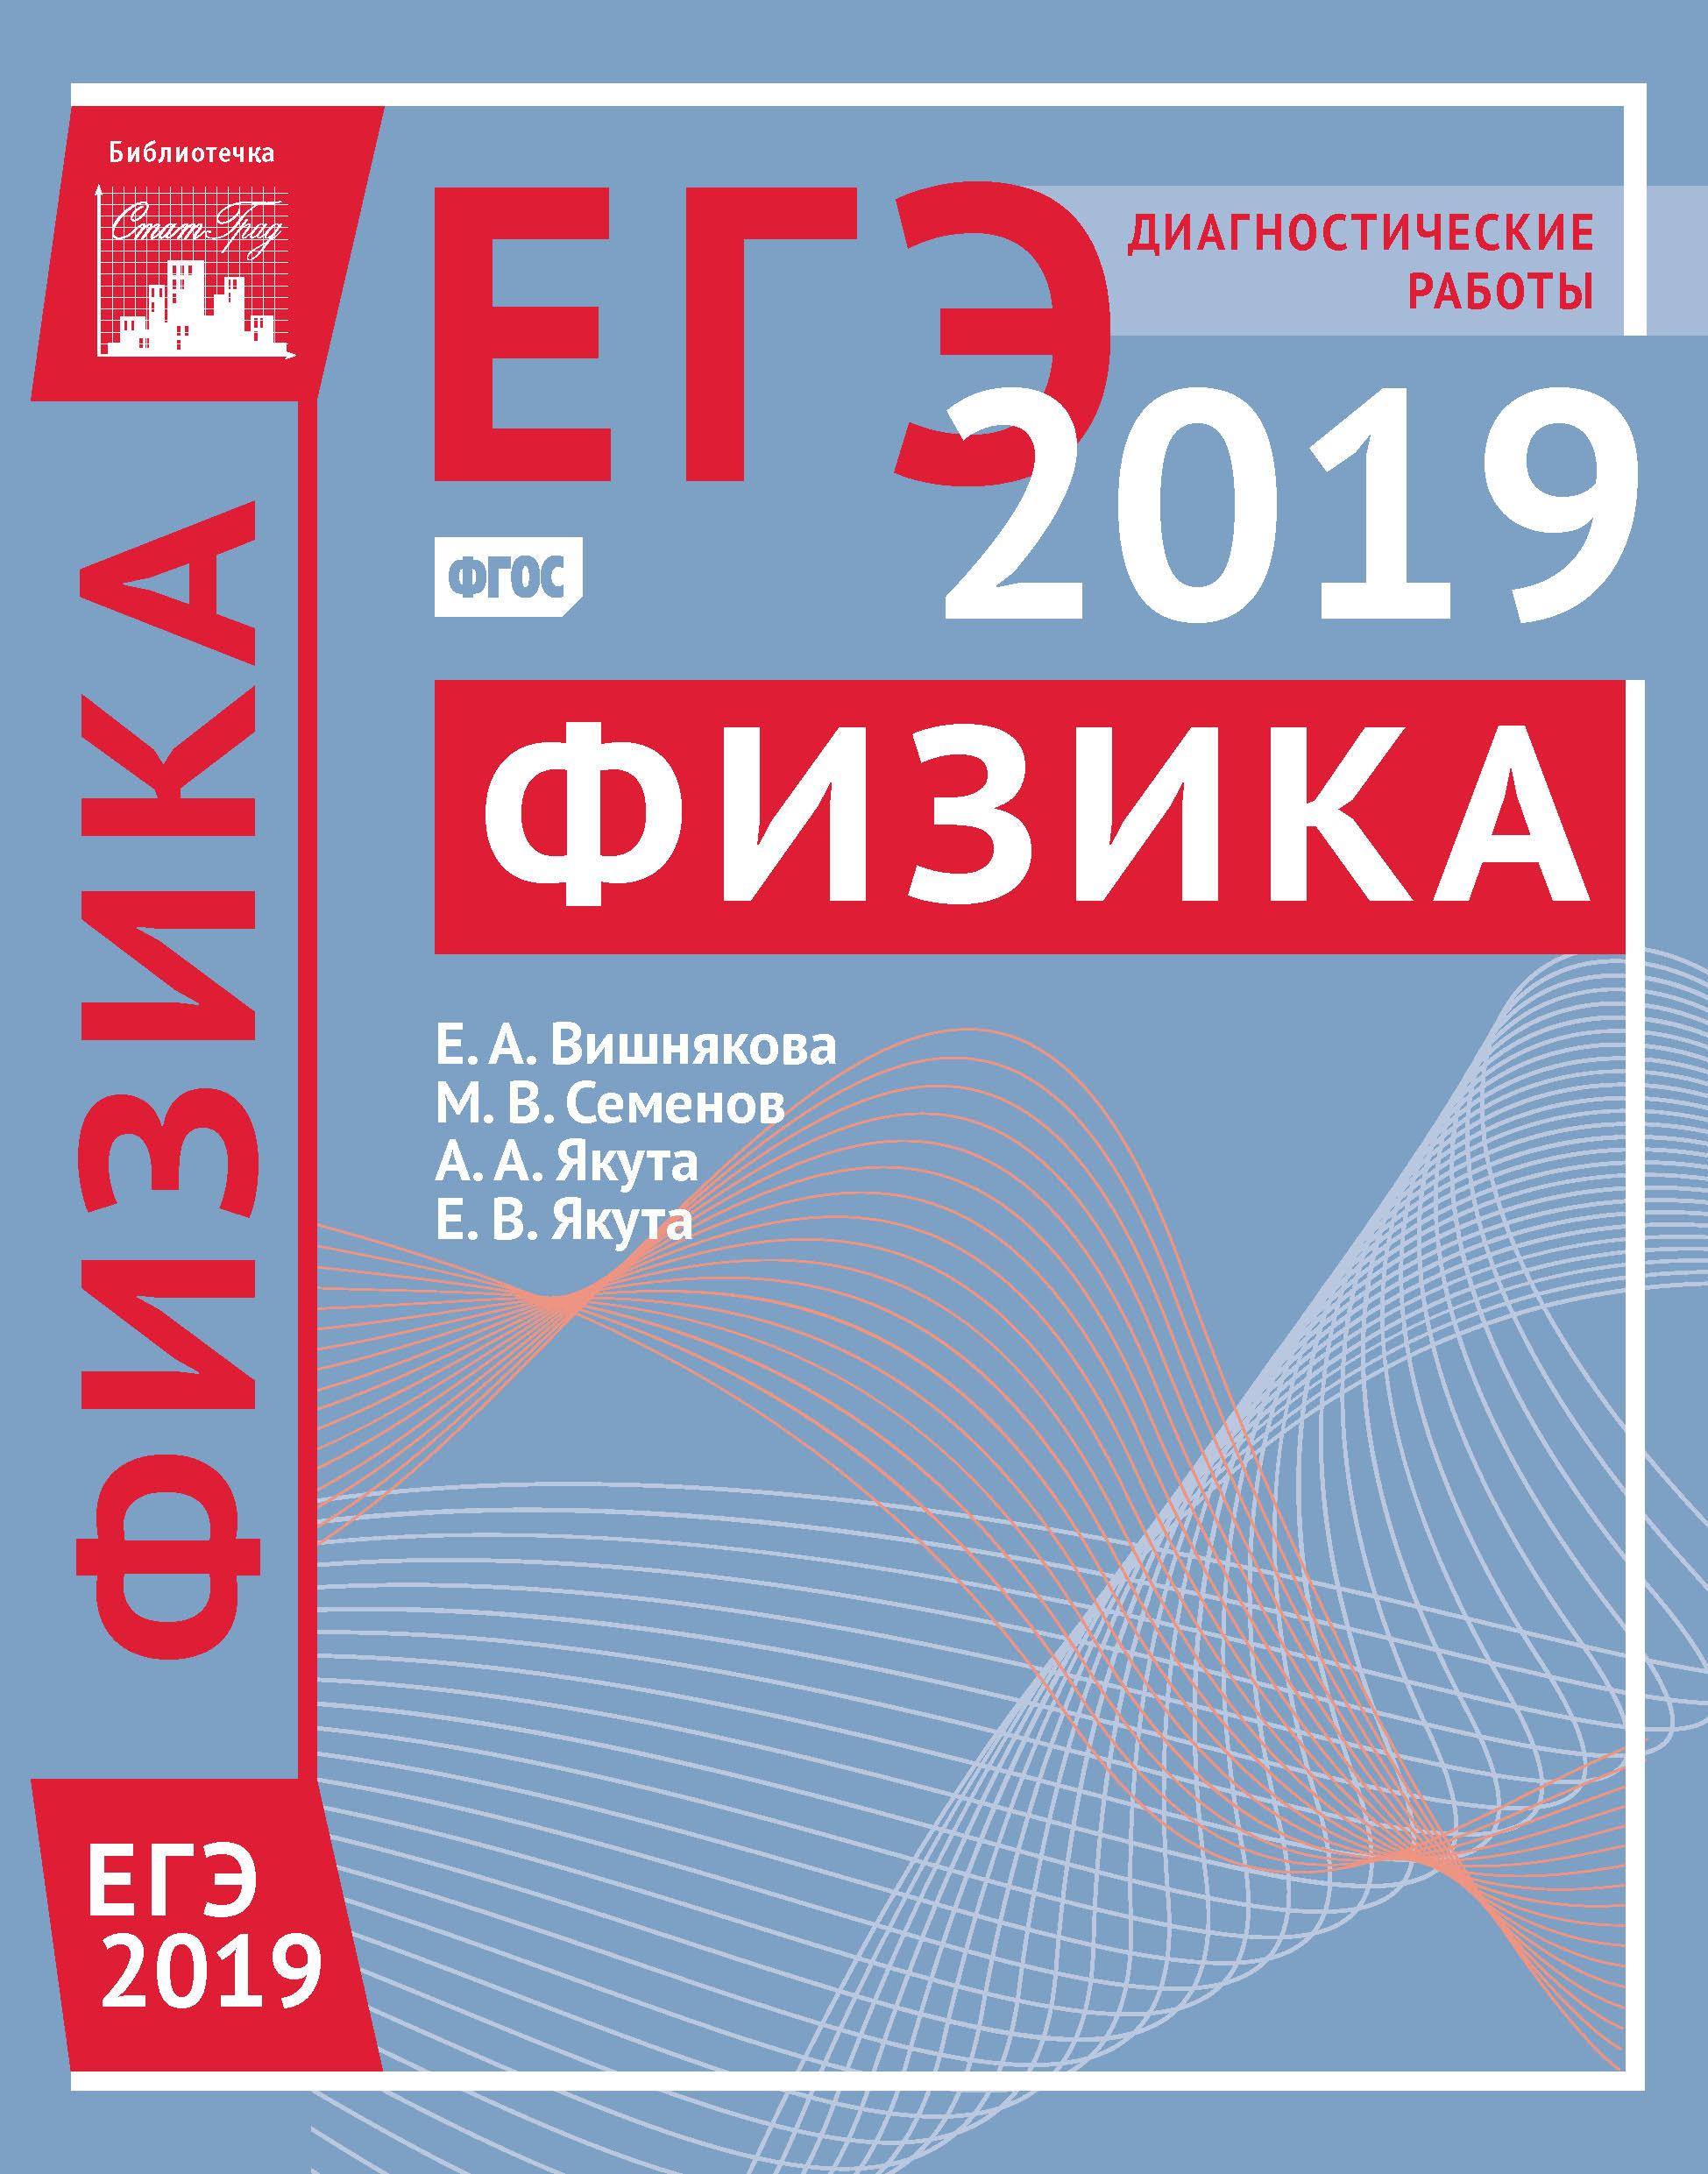 цена на М. В. Семенов Физика. Подготовка к ЕГЭ в 2019 году. Диагностические работы